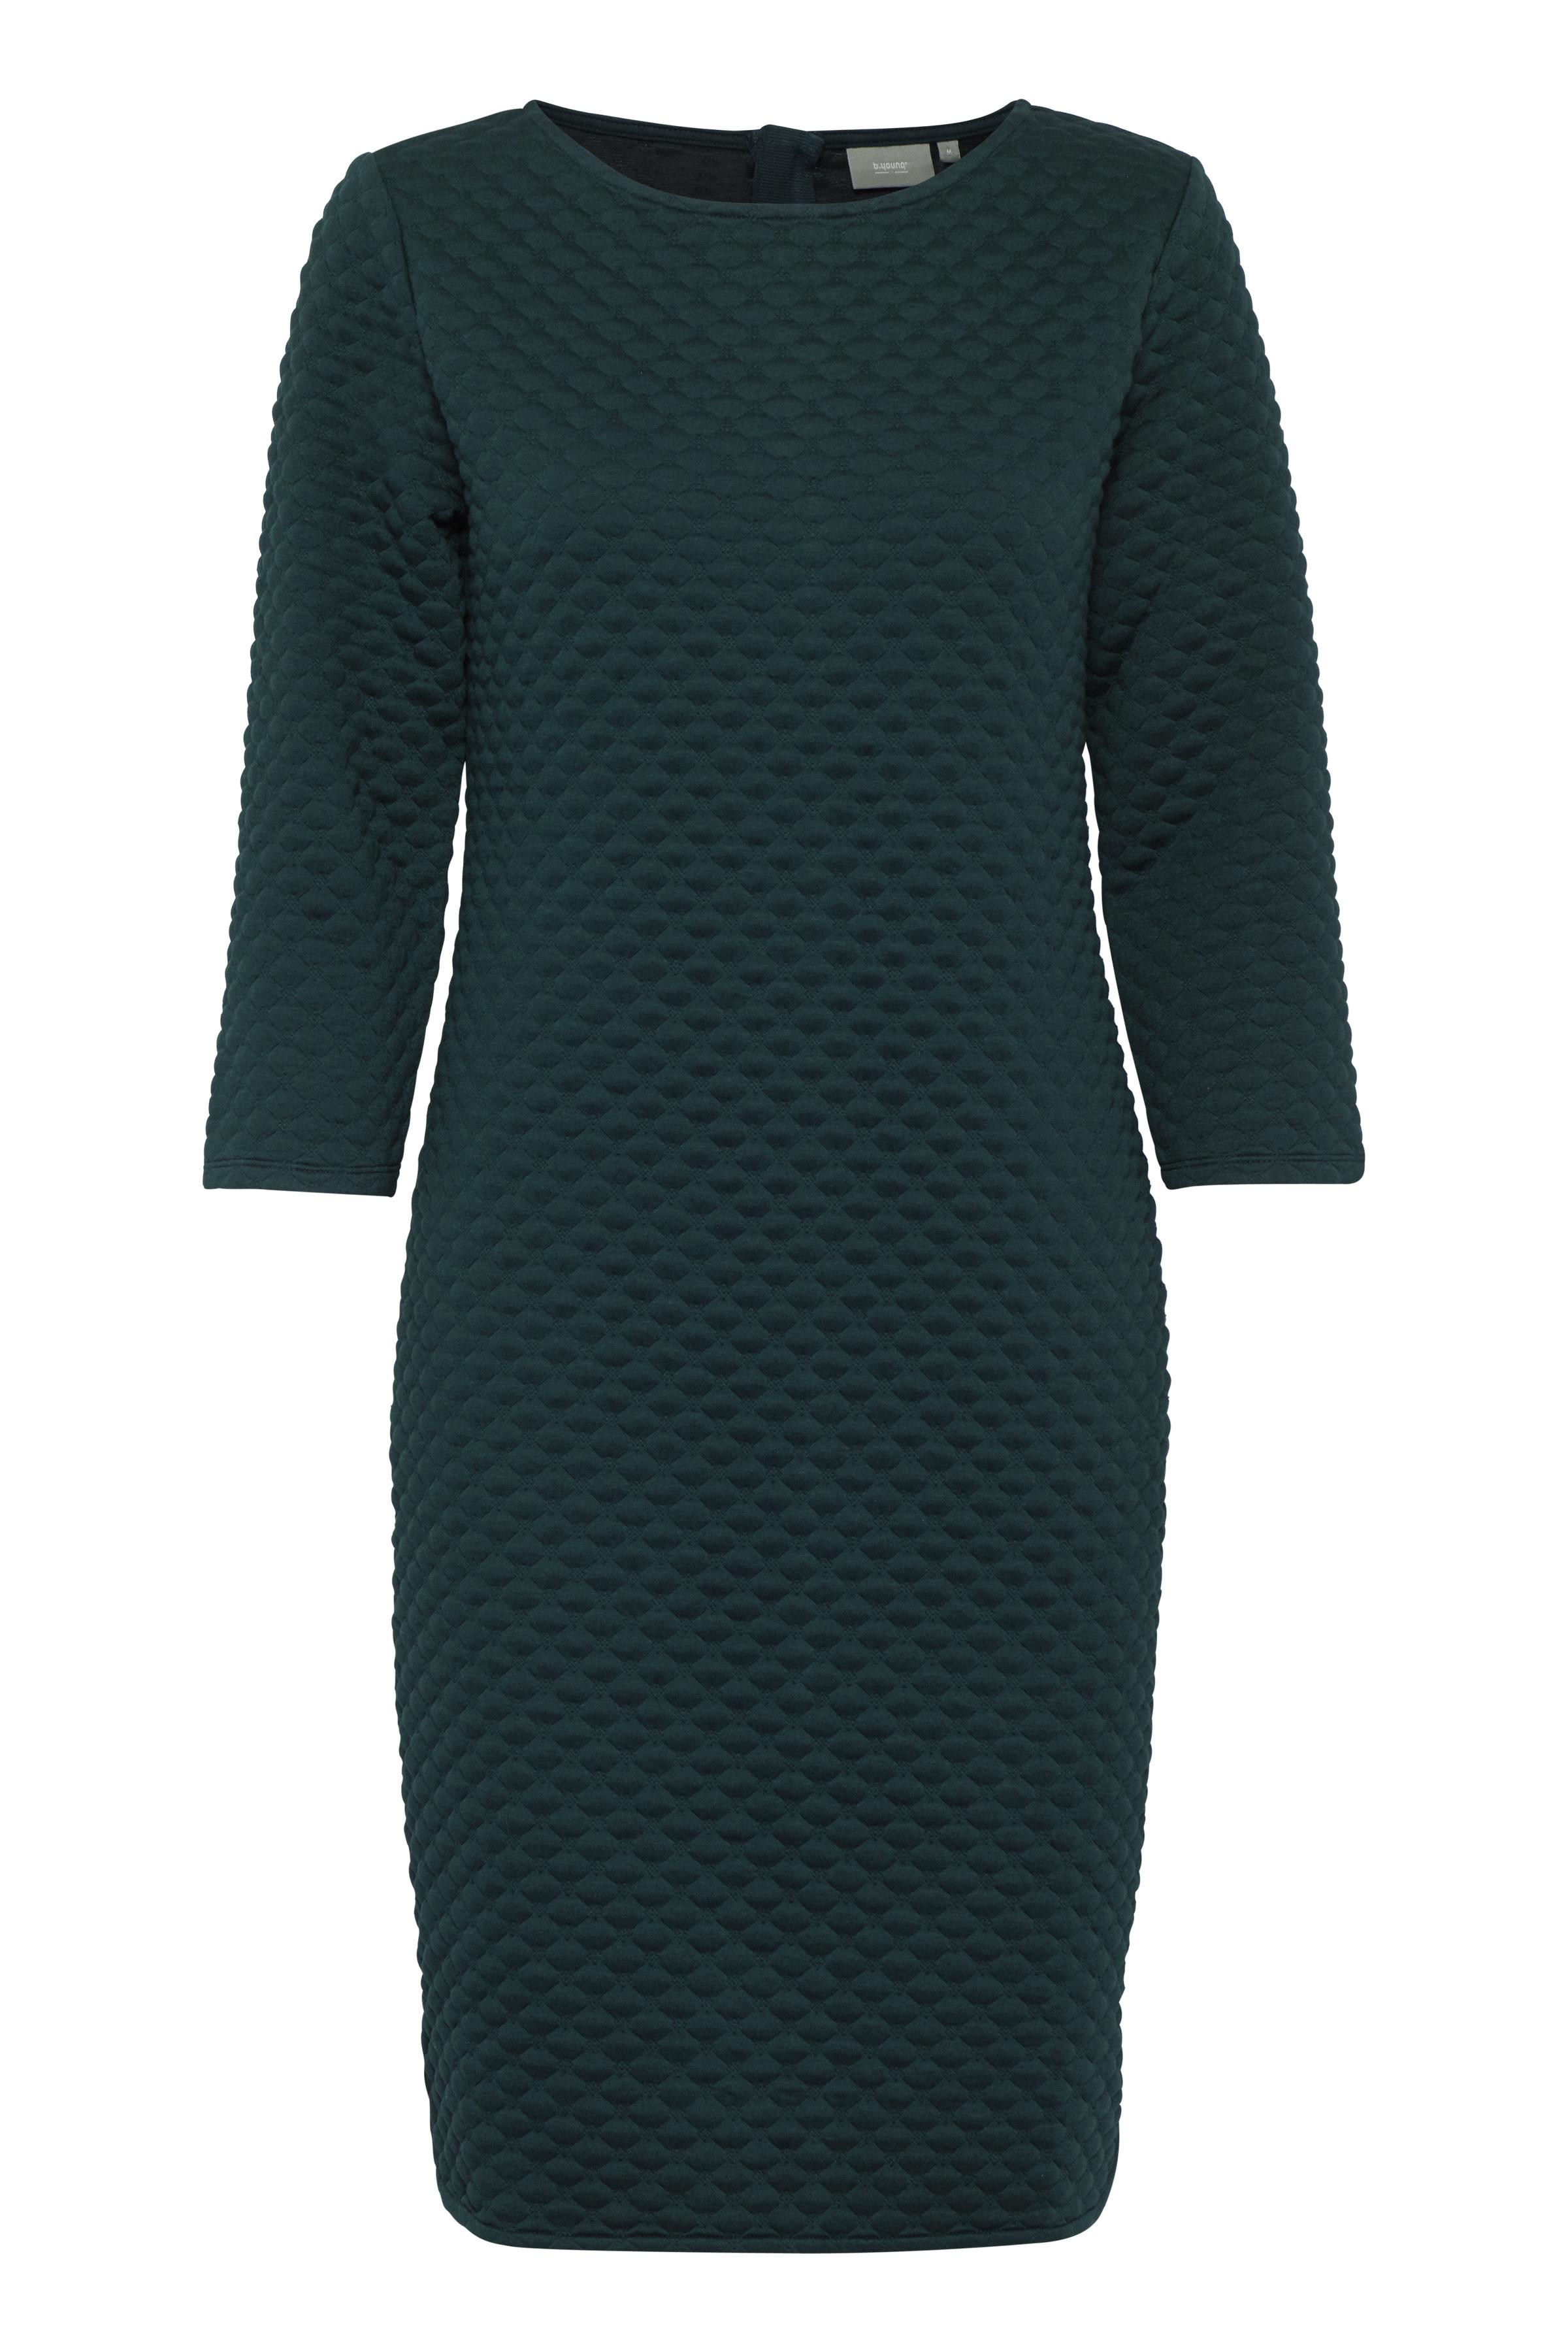 Majestic Green Jerseykleid von b.young – Kaufen Sie Majestic Green Jerseykleid aus Größe XS-XXL hier